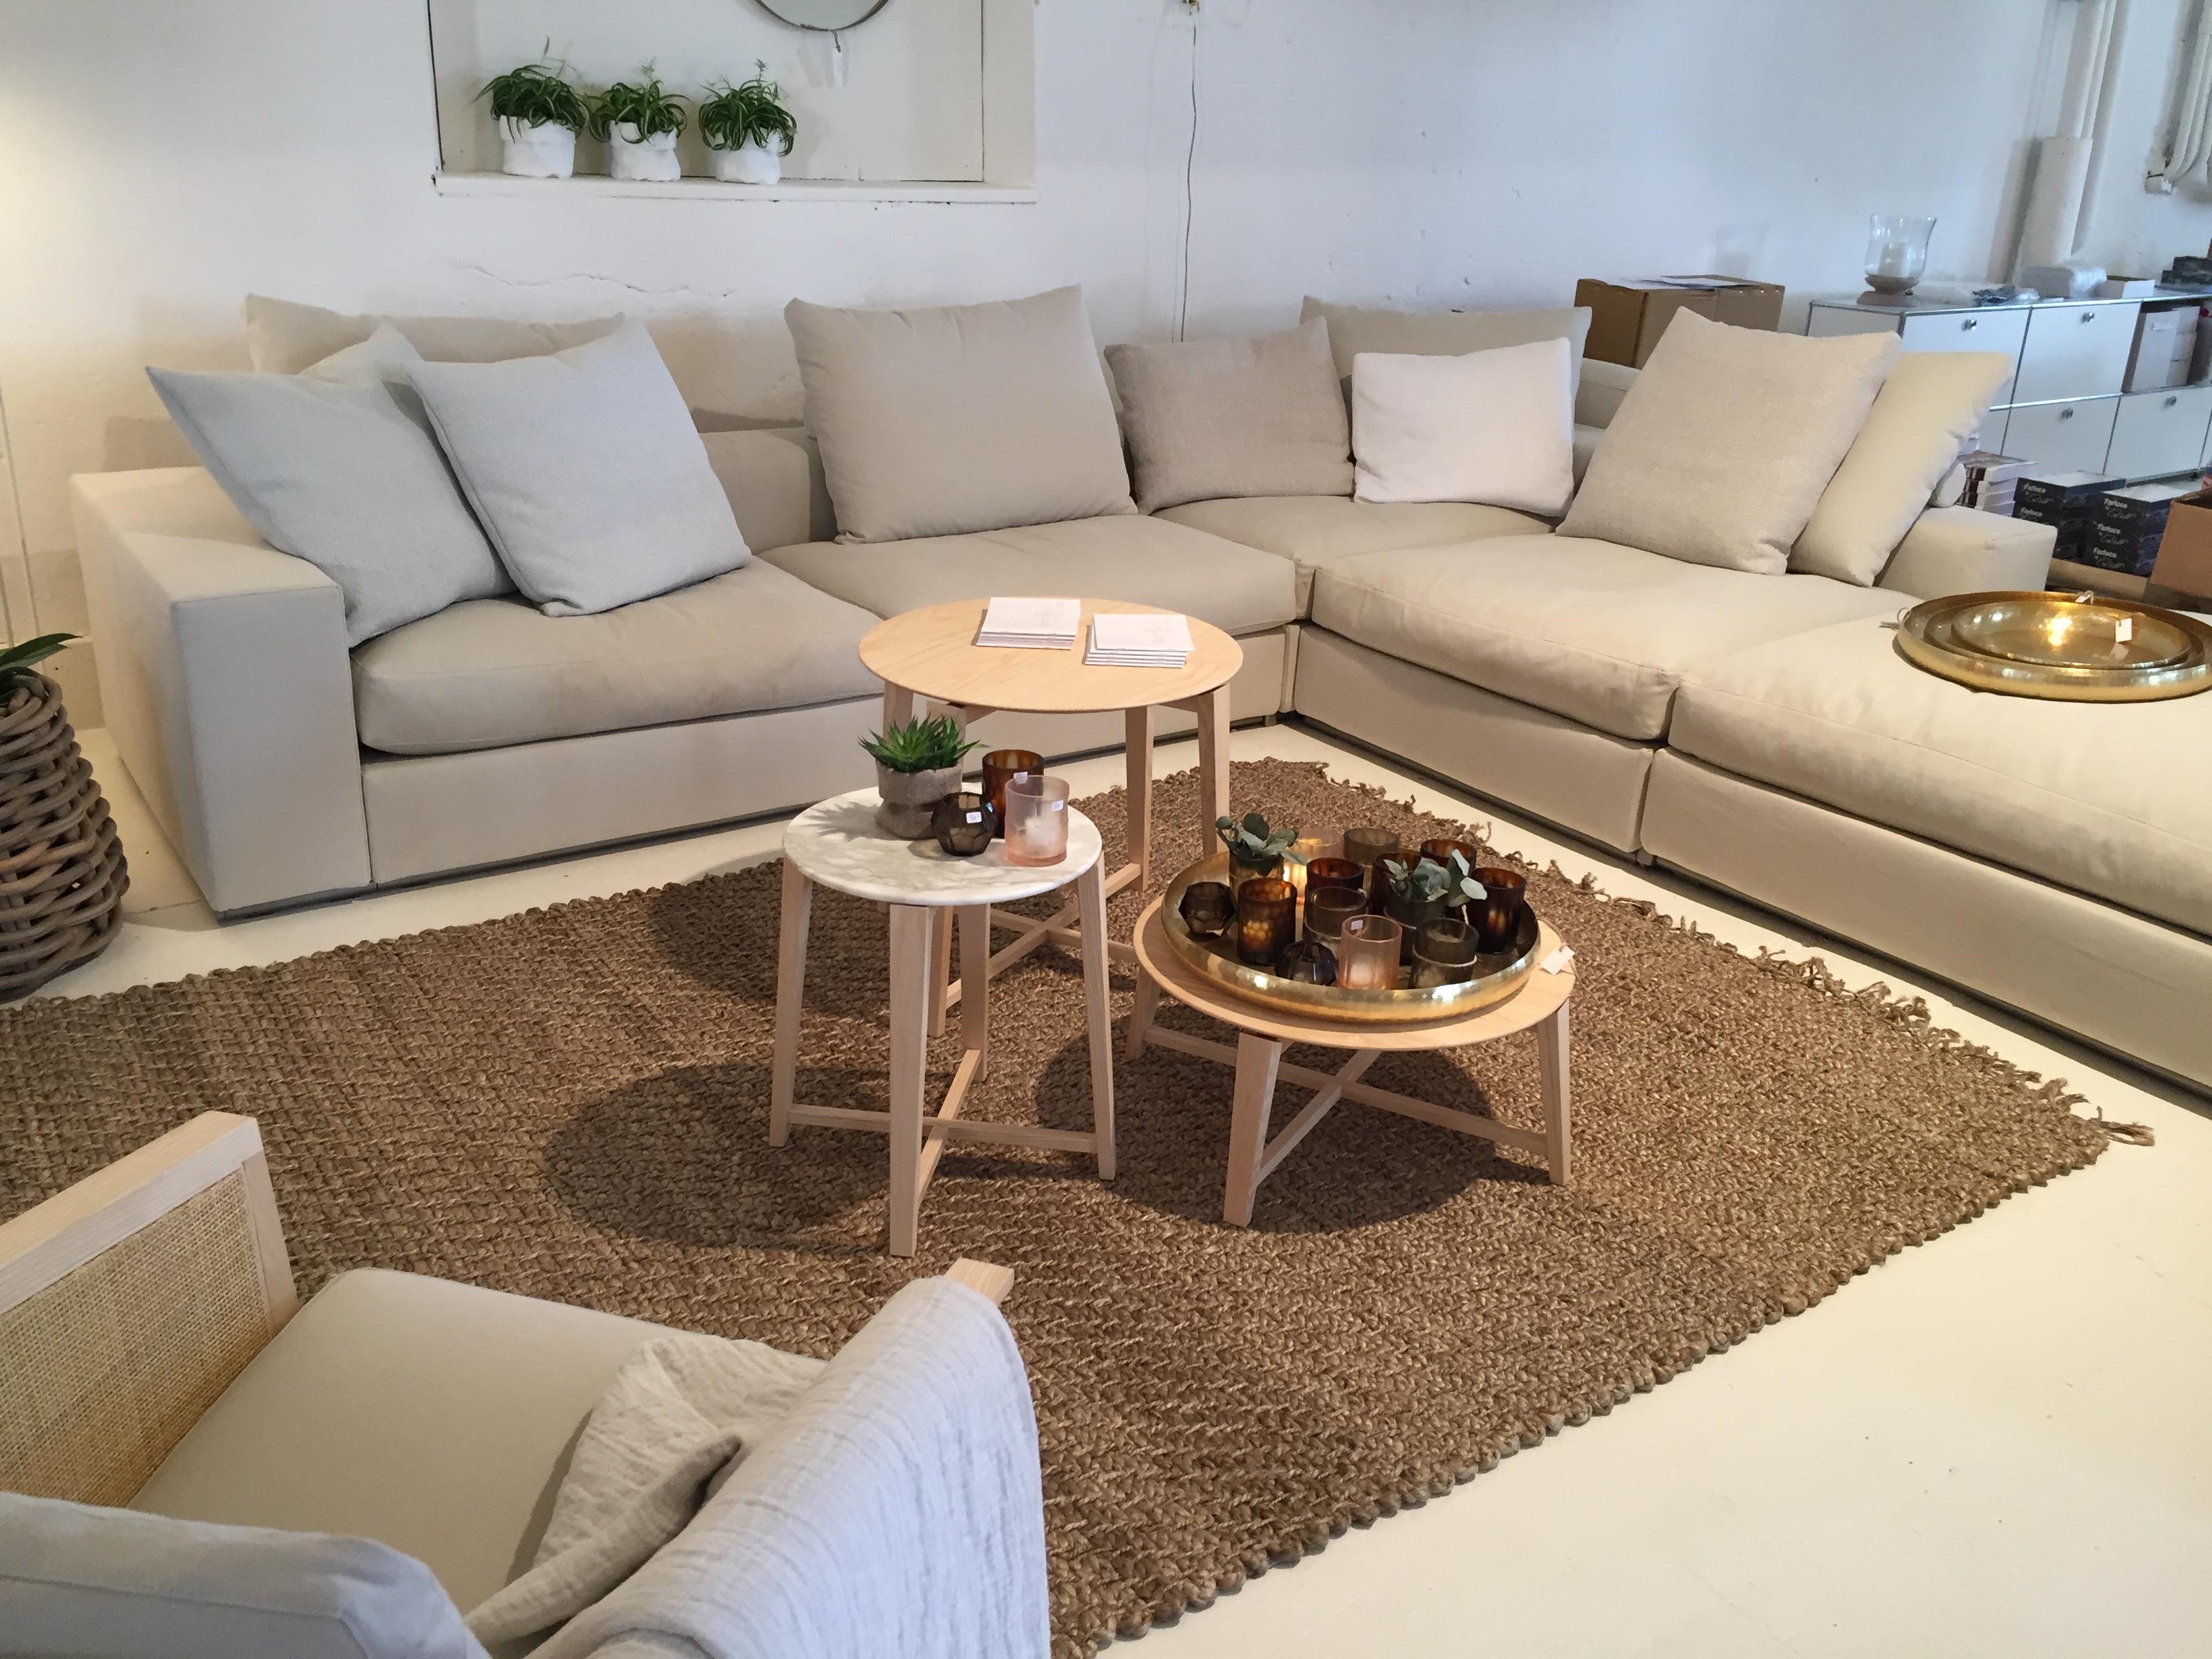 stylische sofas betten sowie leinen bett und tischw sche wohnaffinplus. Black Bedroom Furniture Sets. Home Design Ideas